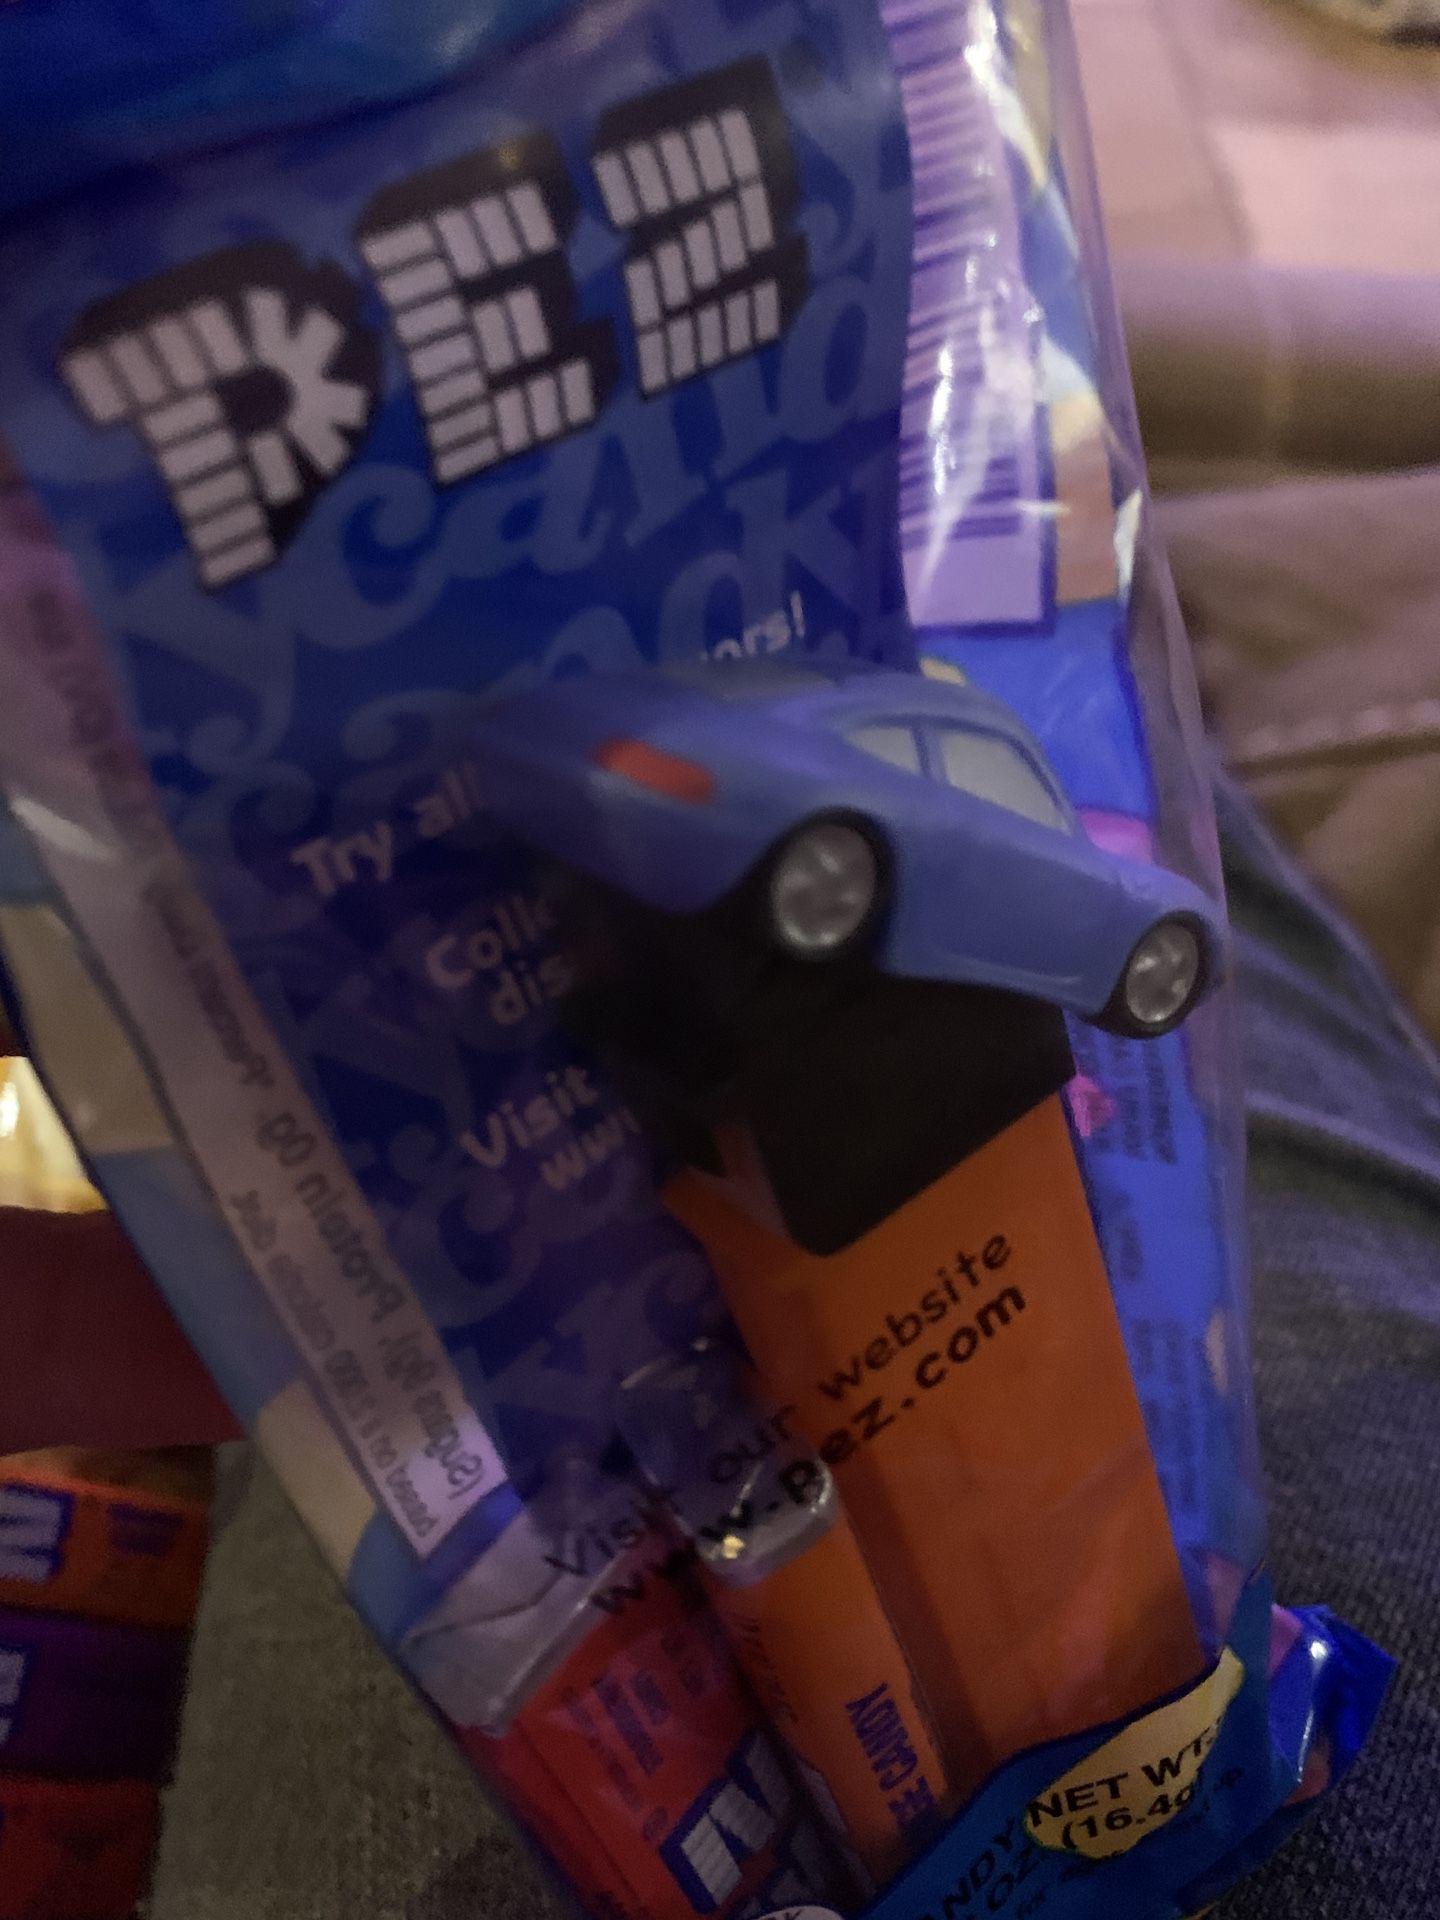 PEZ Candy Dispenser Disney Pixar Cars Movie Sally Porsche New In Package